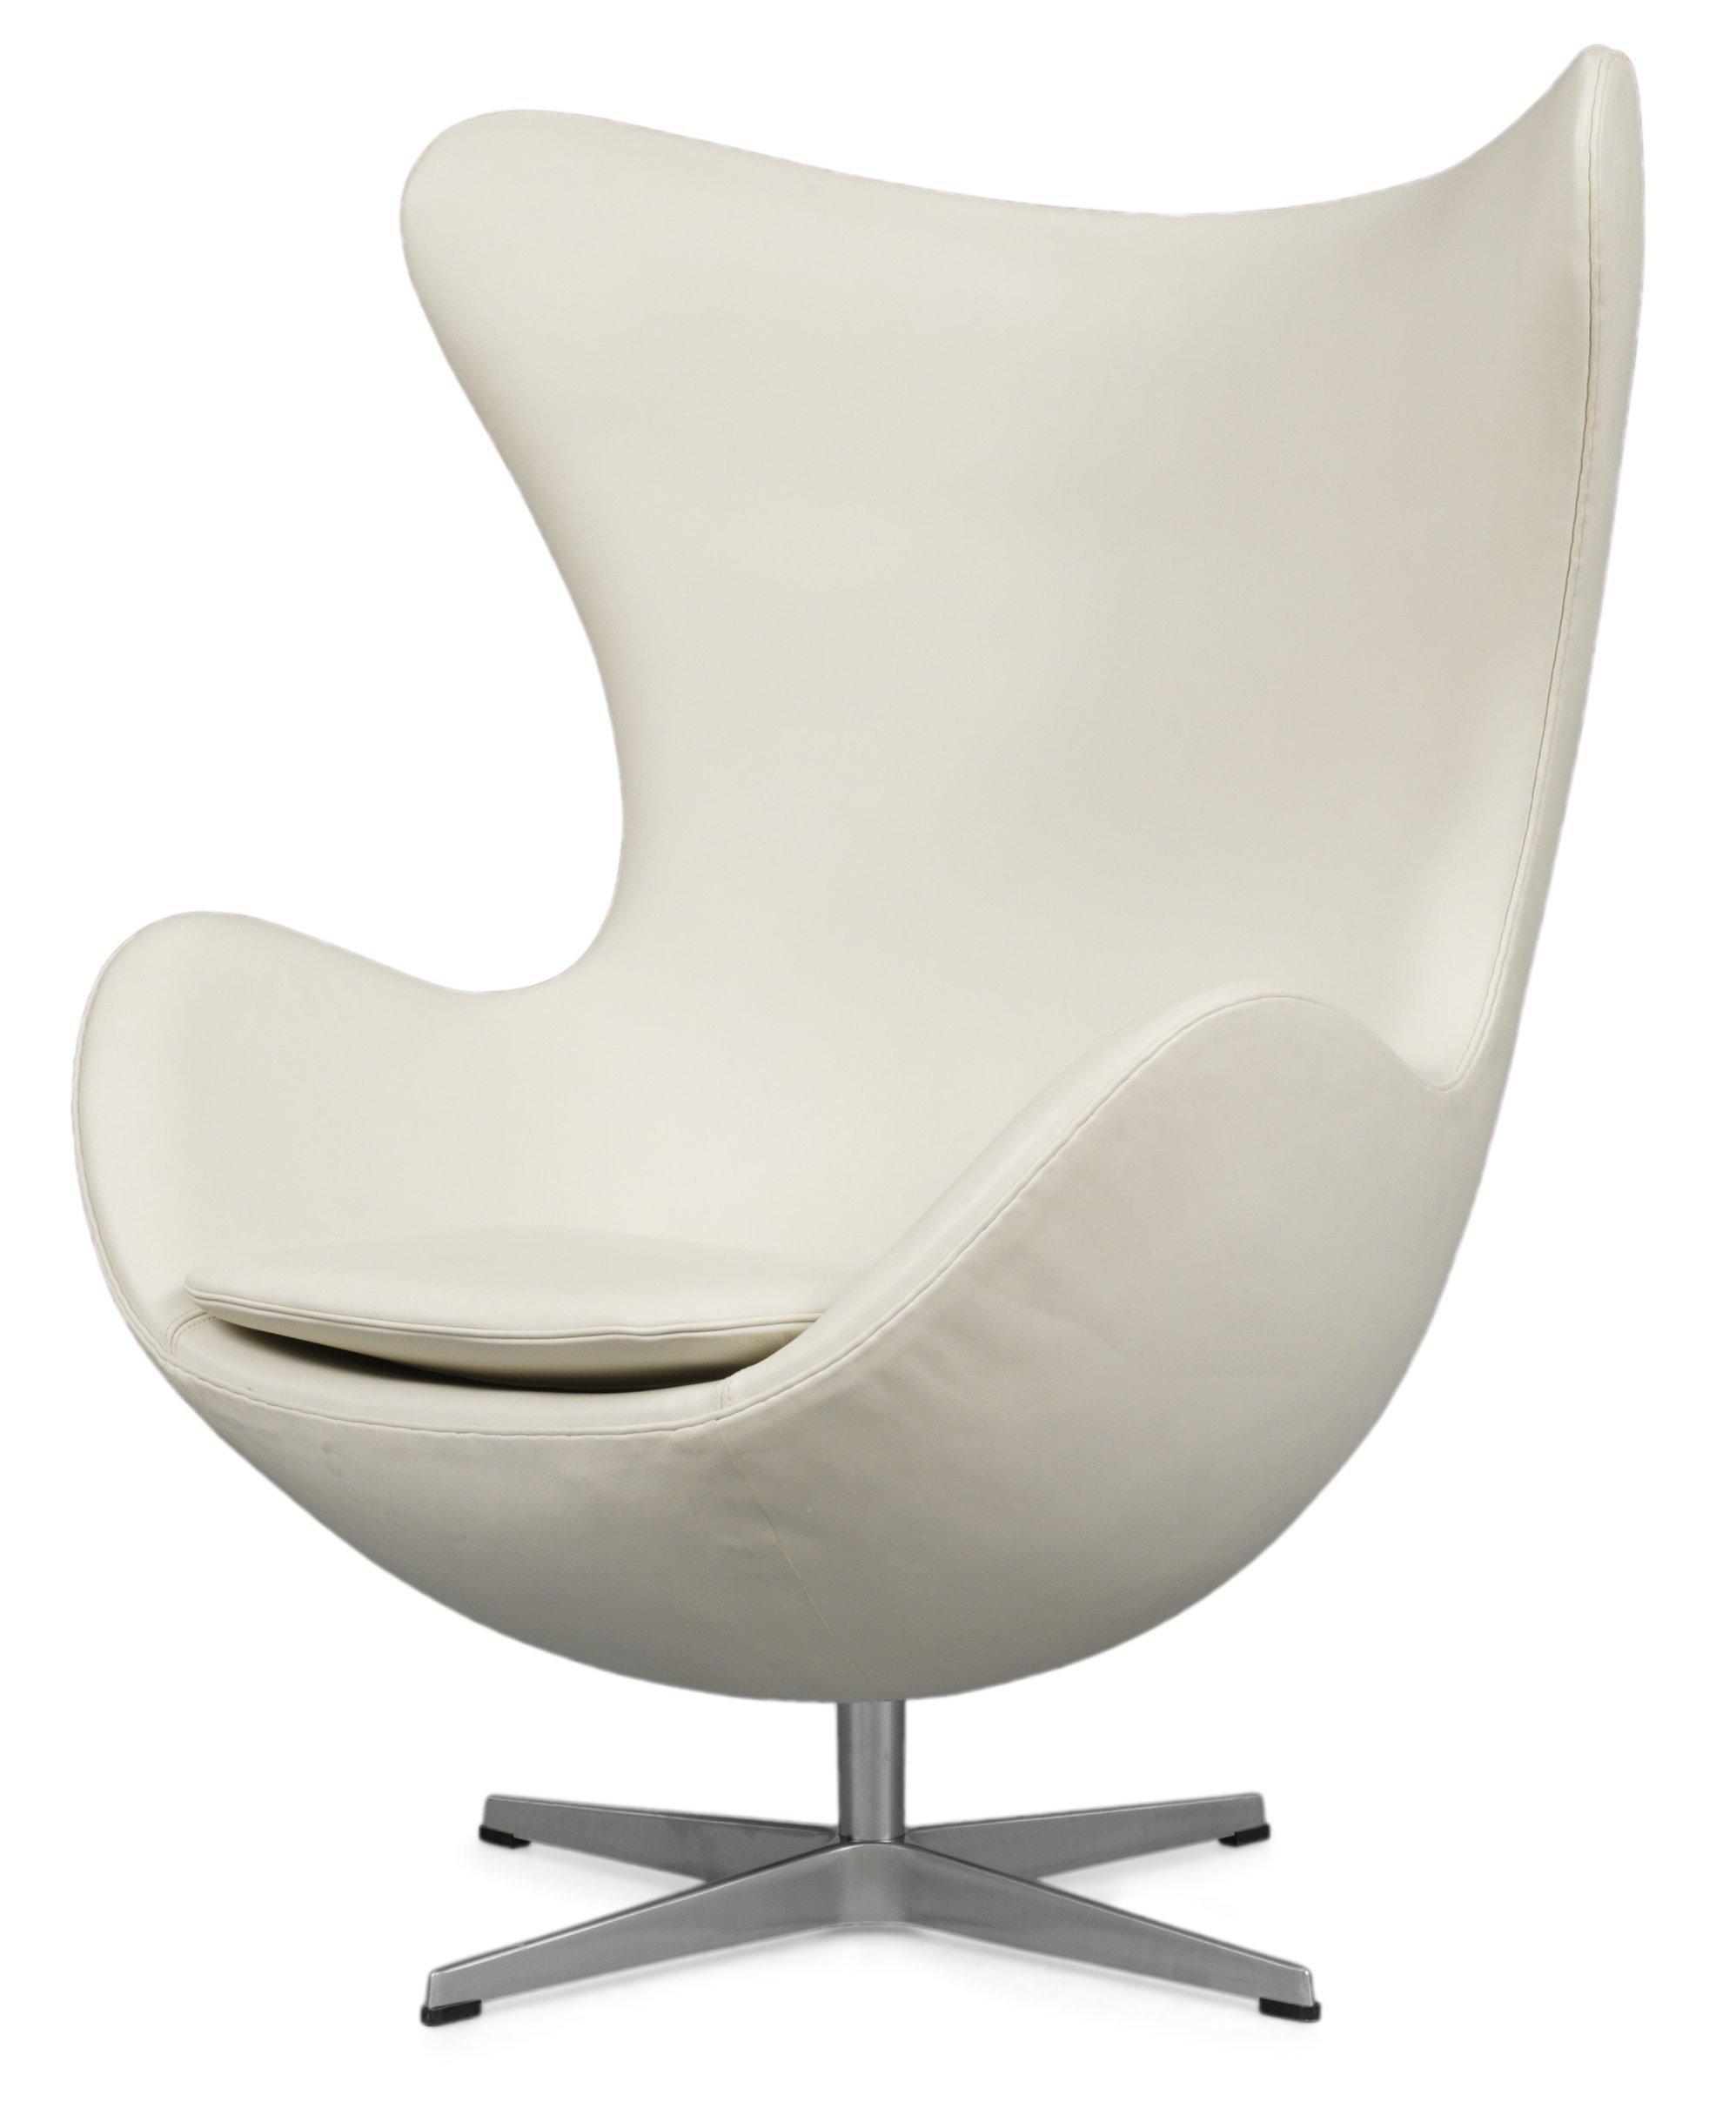 Arne jacobsen egg chair white - 1479073 Bukobject